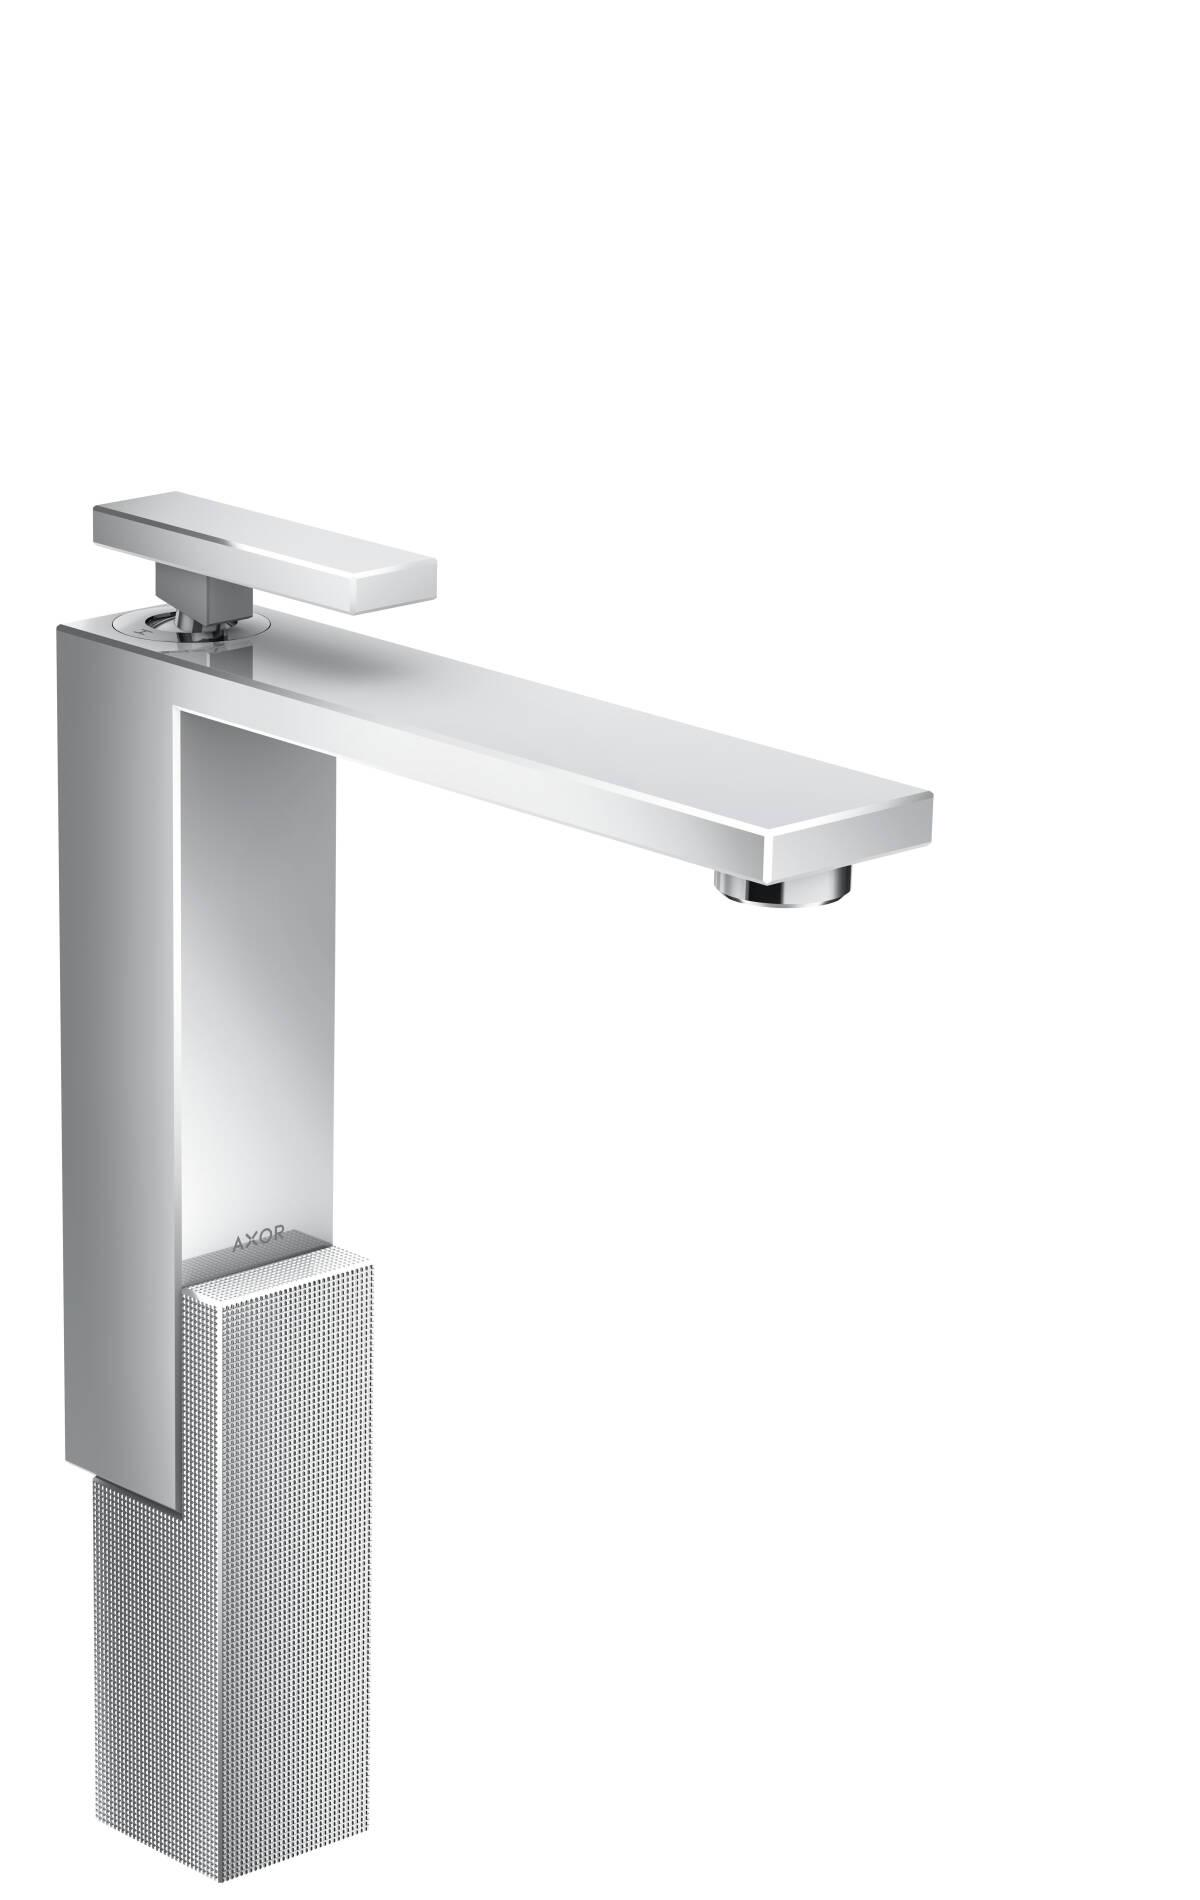 Mezclador monomando de lavabo 280 con vaciador push-open - corte de diamante, cromo, 46031000